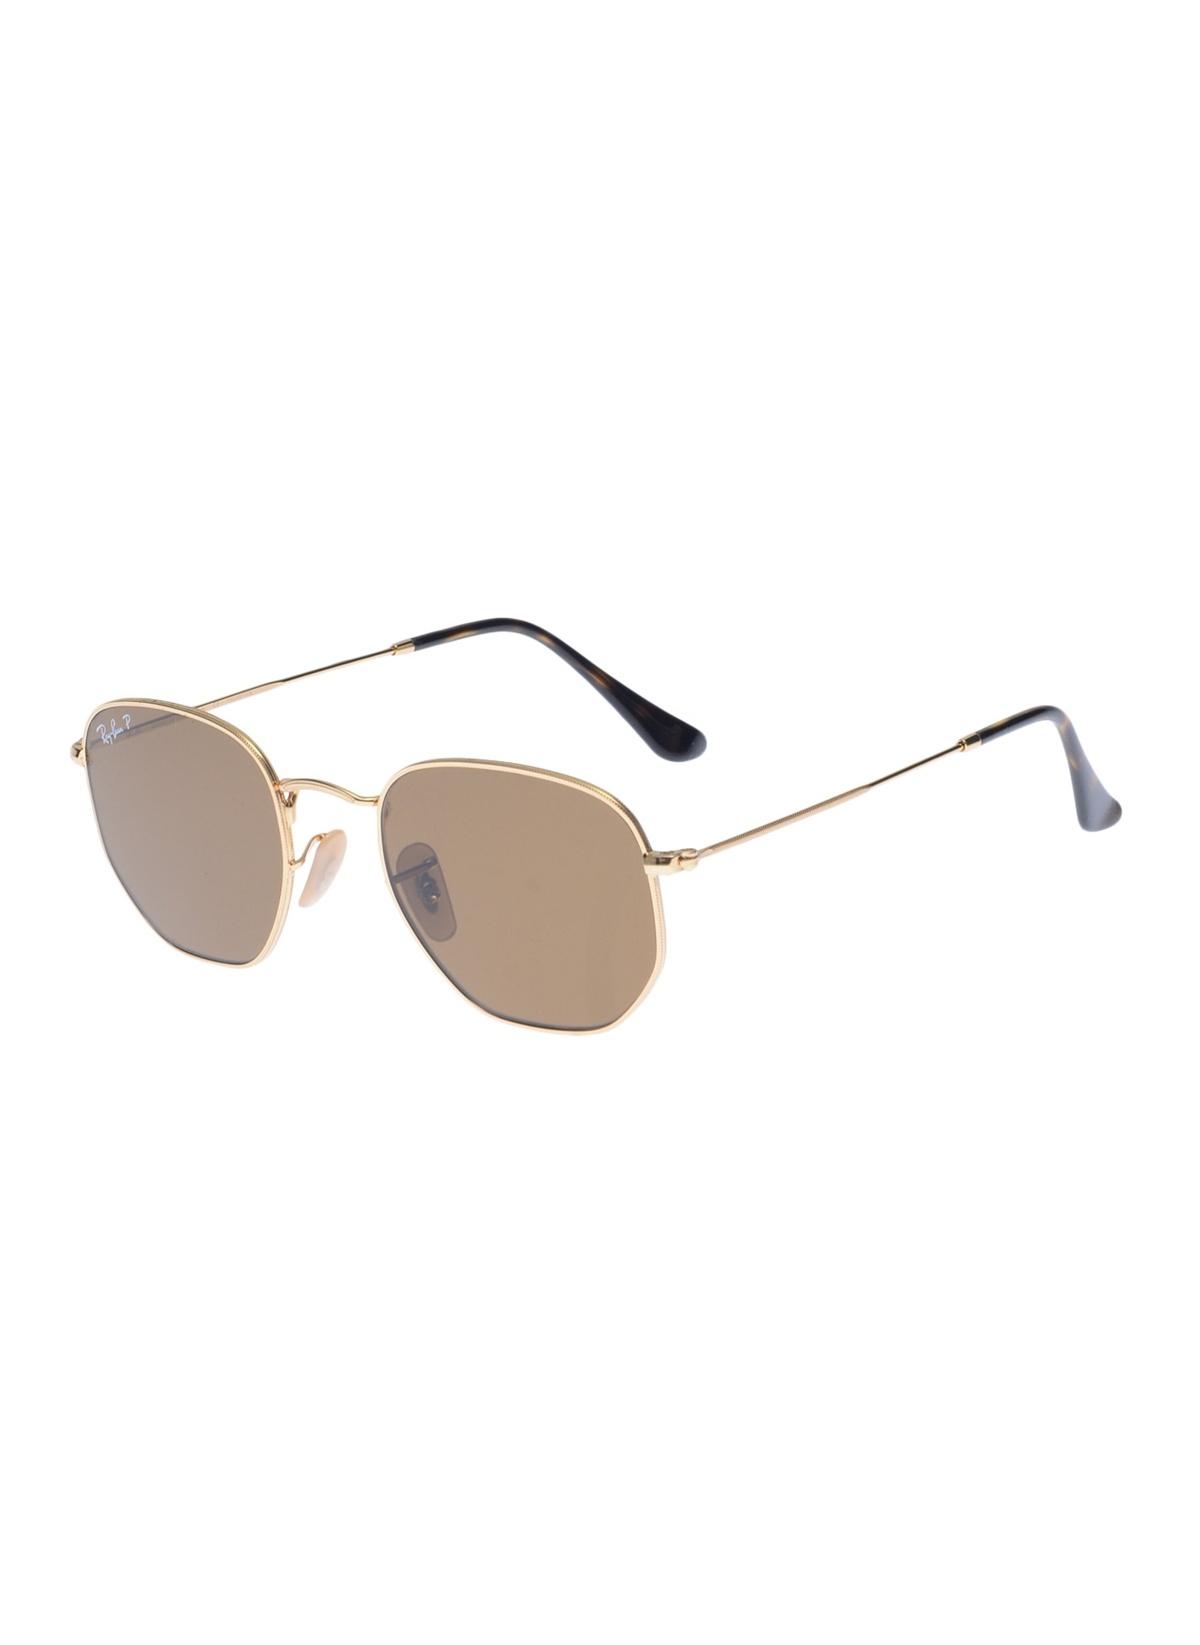 Ray-Ban Erkek Güneş Gözlüğü Renkli Standart Beden